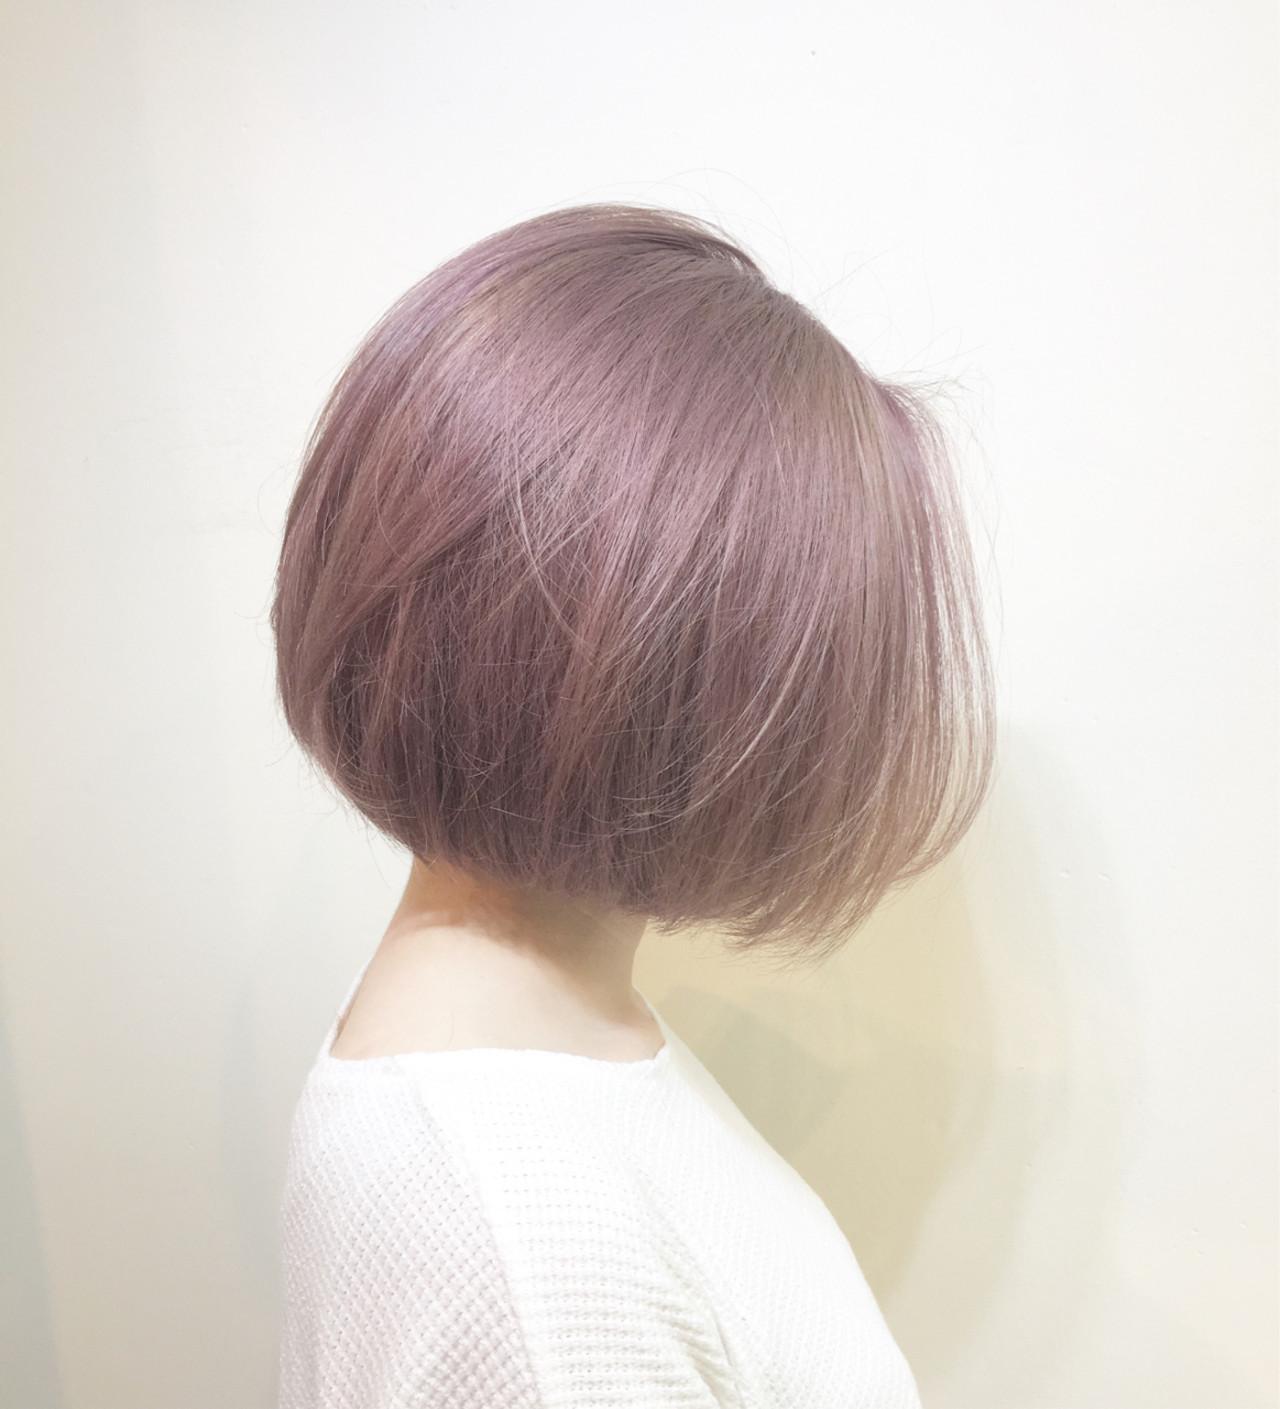 小顔 ミルクティー 大人女子 透明感 ヘアスタイルや髪型の写真・画像